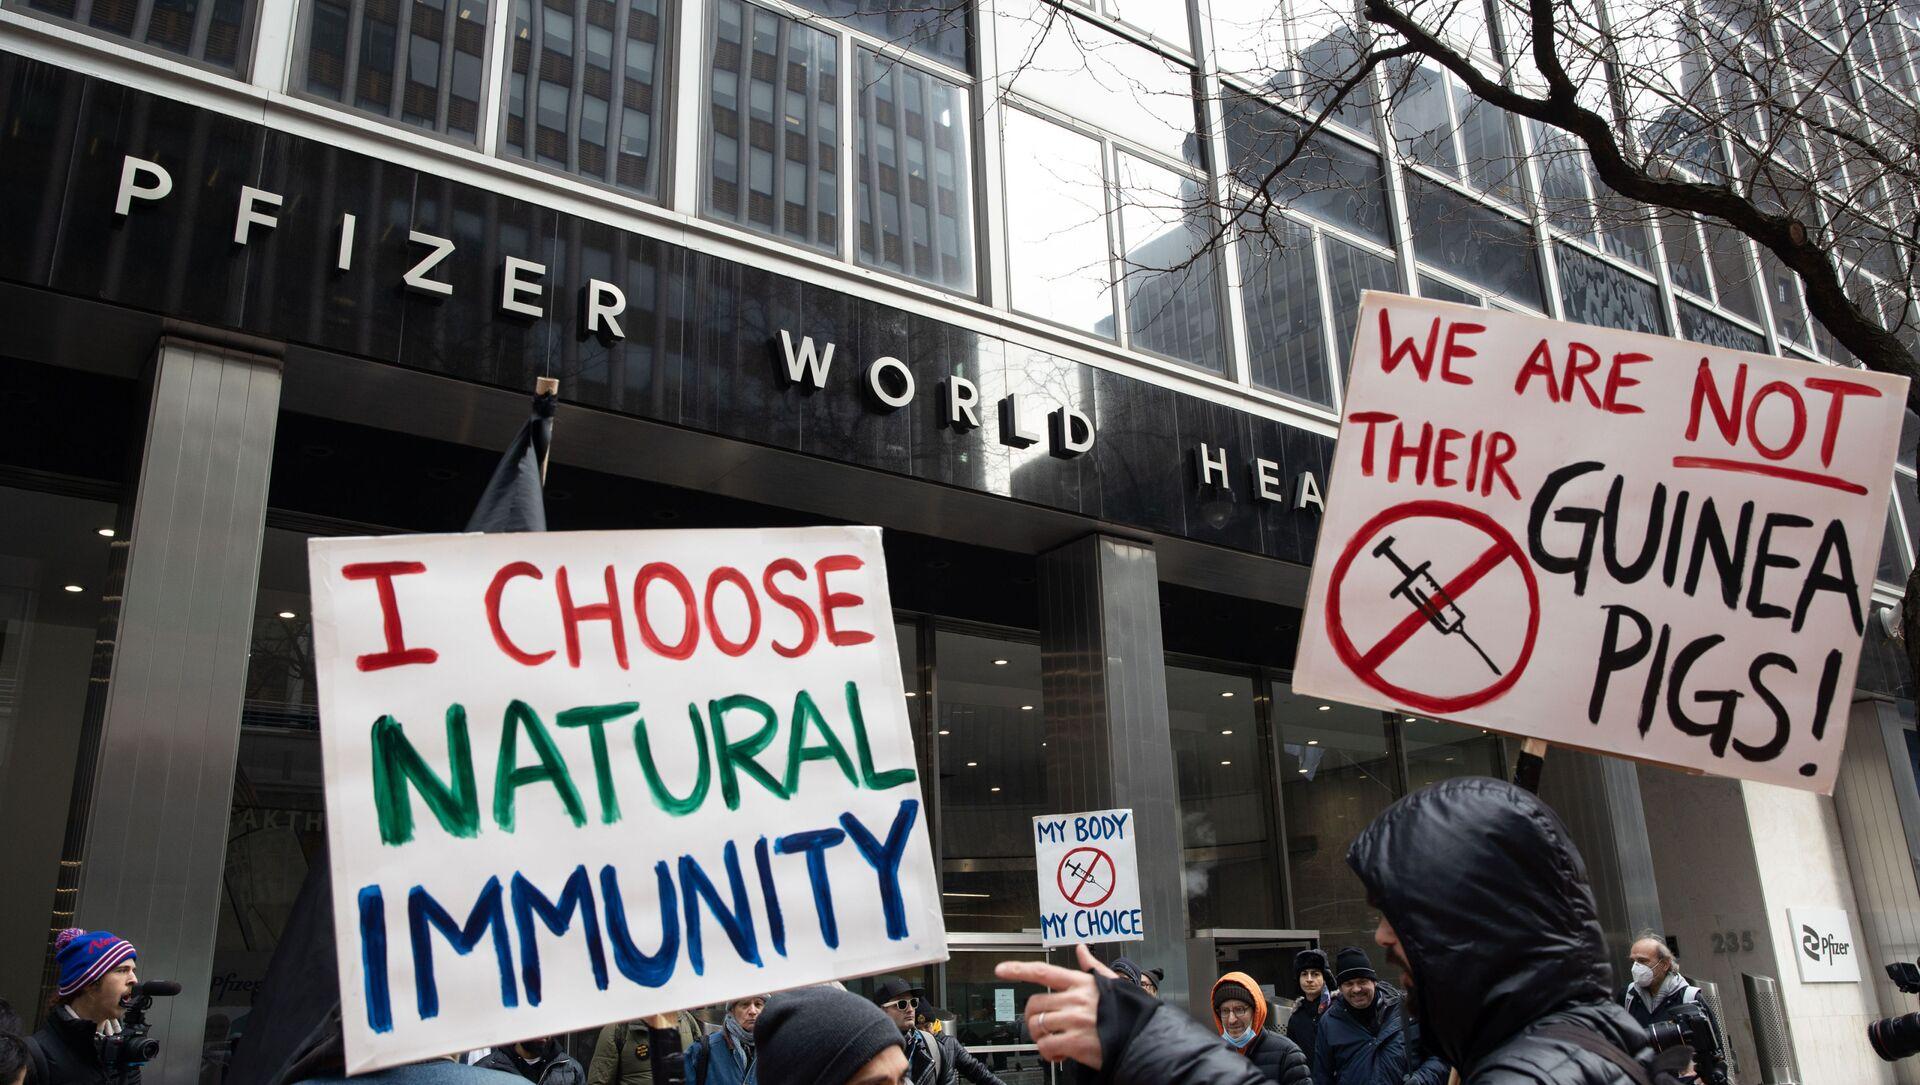 Manifestations contre la vaccination devant le siège de Pfizer à New-York, janvier 2021 - Sputnik France, 1920, 09.08.2021